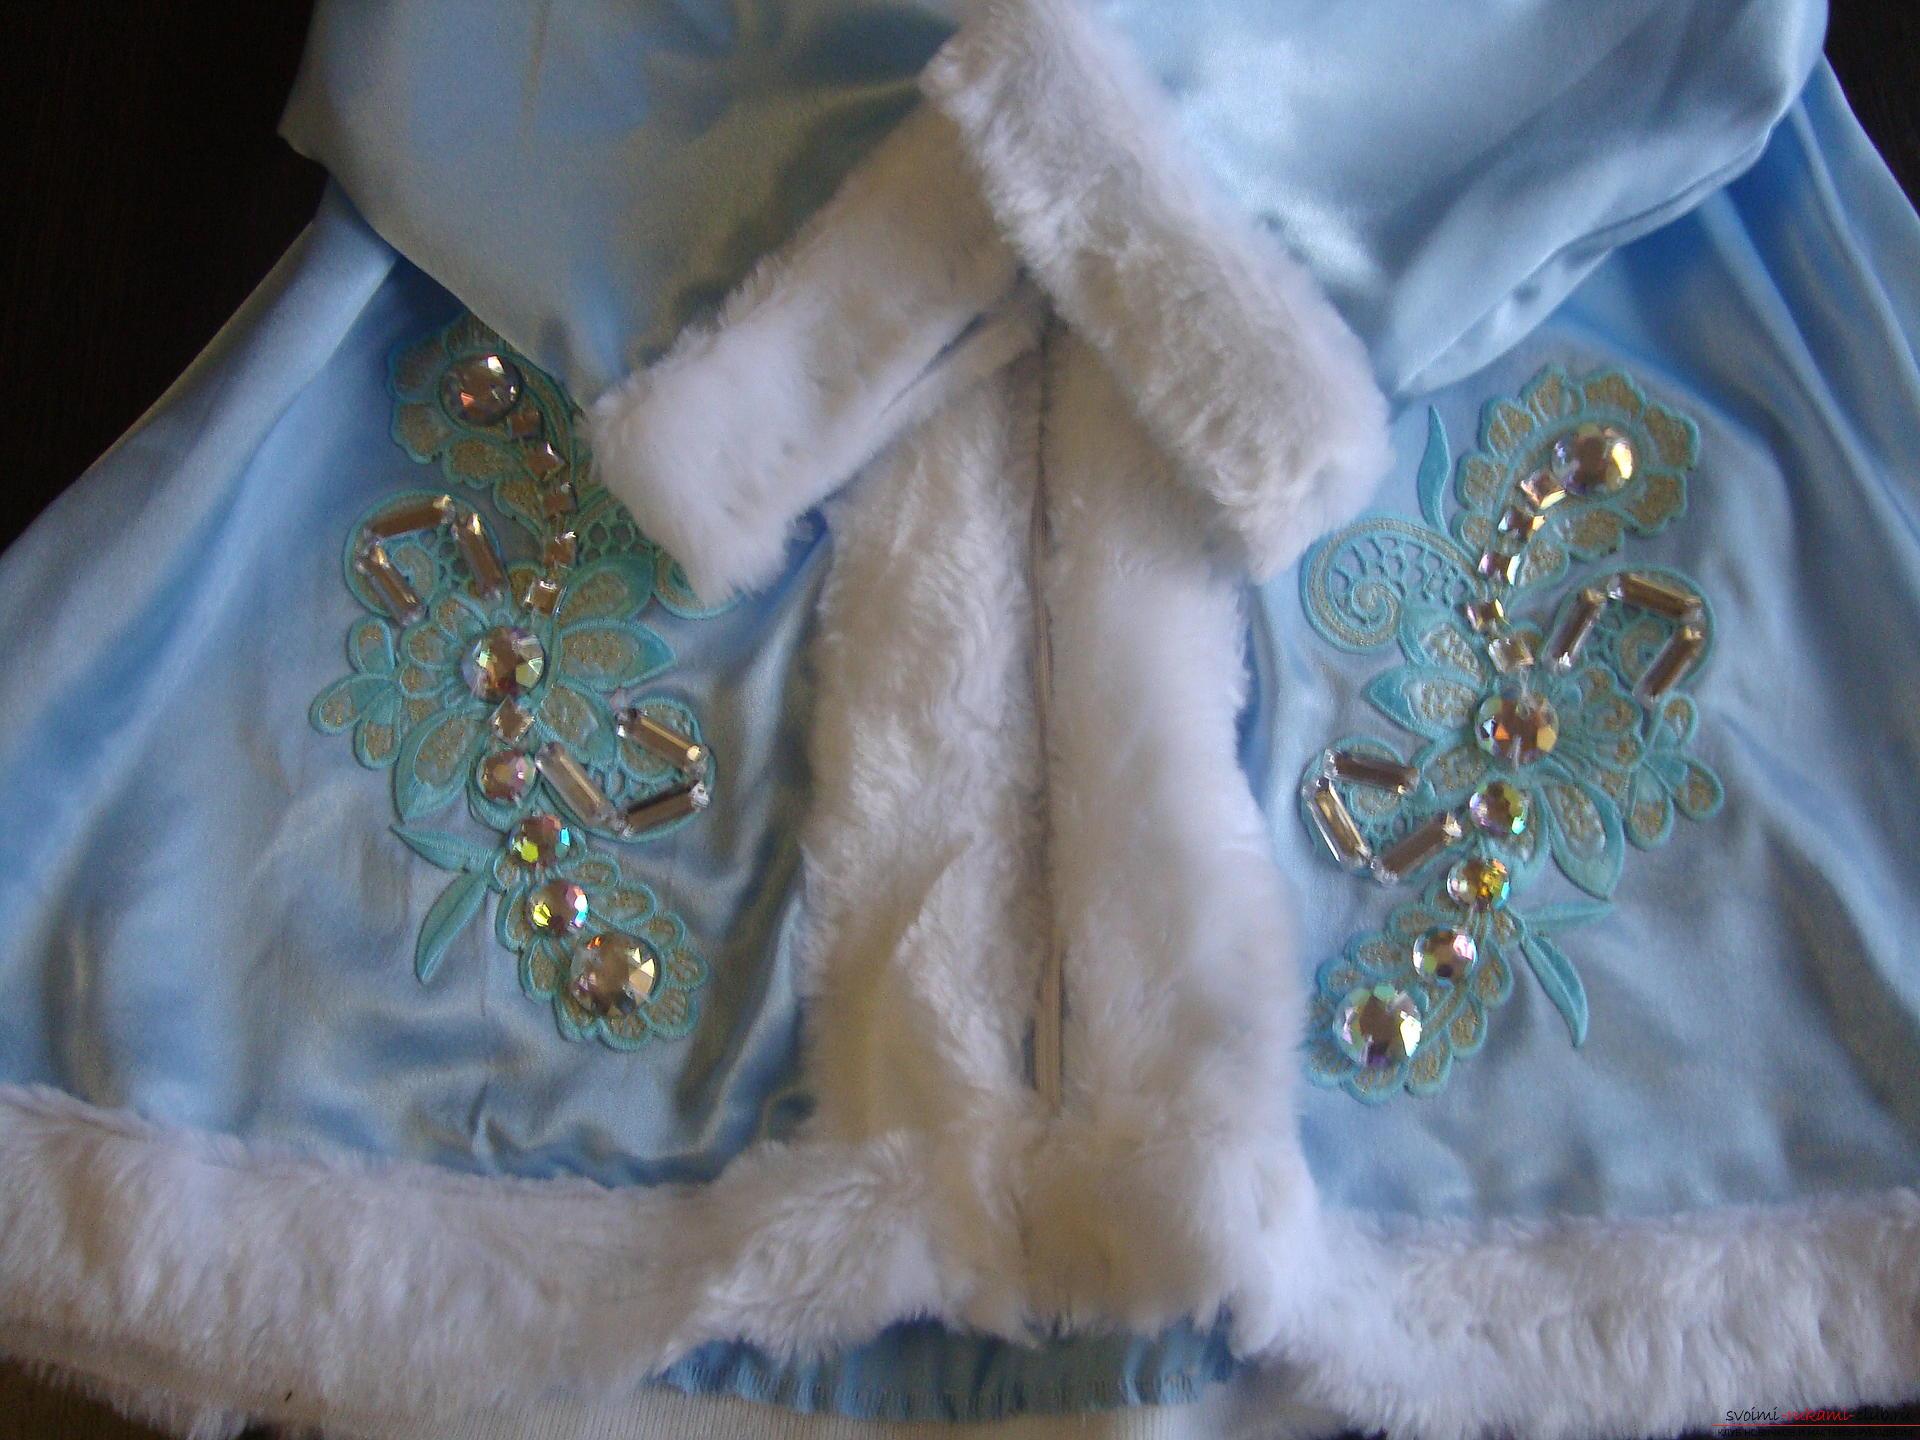 Карнавальные костюмы для девочки мама может сшить своими руками. Костюм Снегурочка понравится многим девочкам.. Фото №7